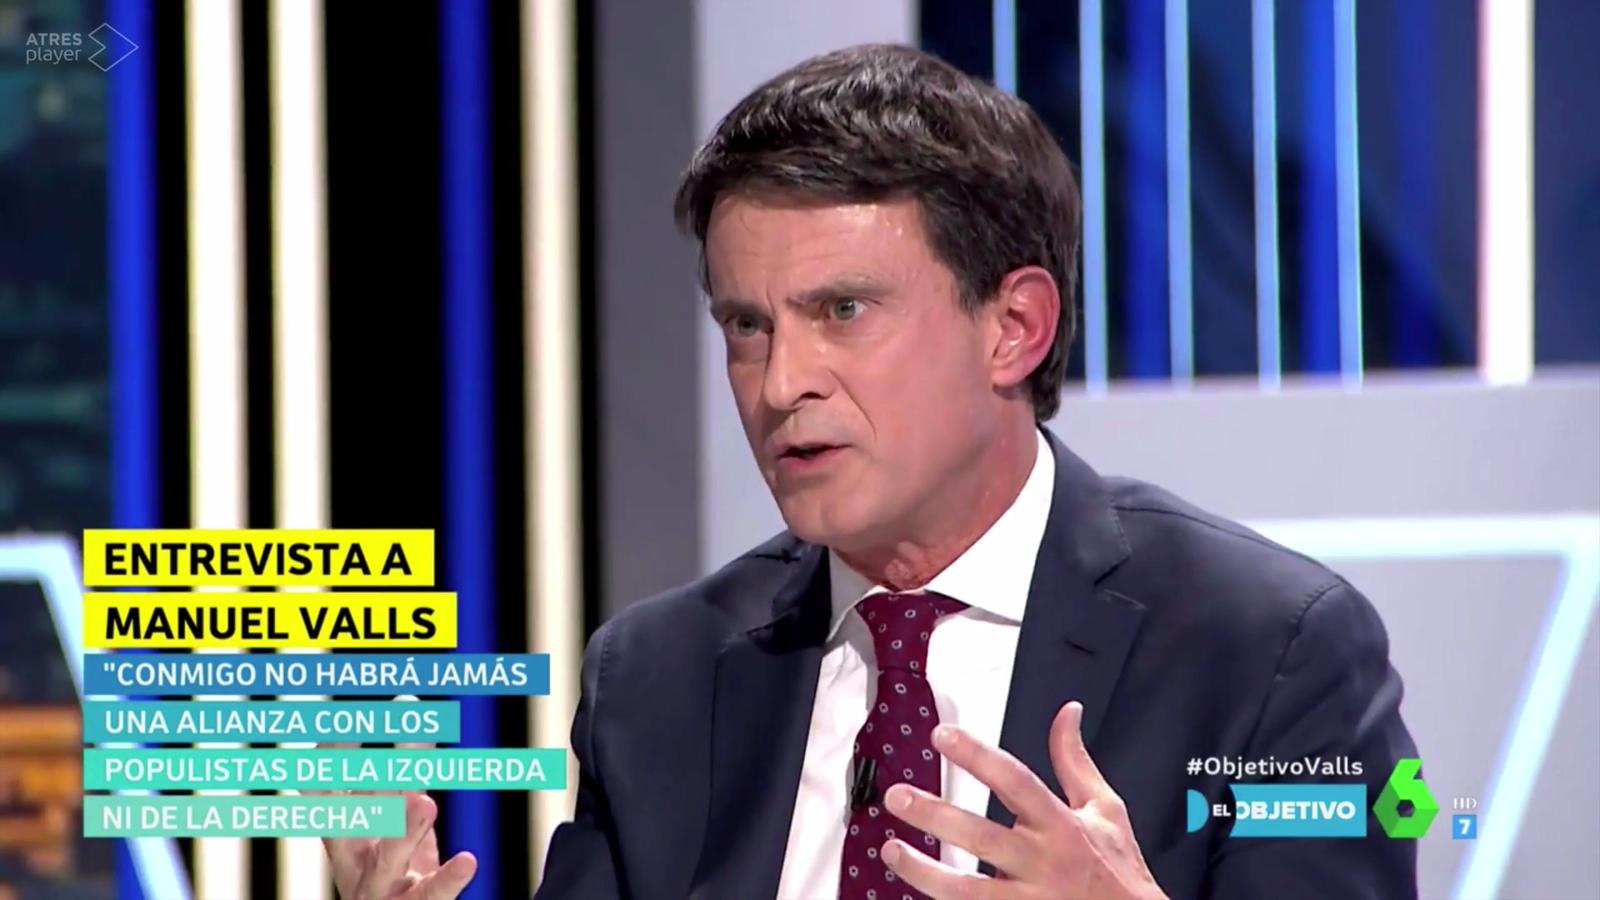 """Valls assegura que hi ha veïns de Barcelona que """"ho passen malament"""" quan parlen castellà"""